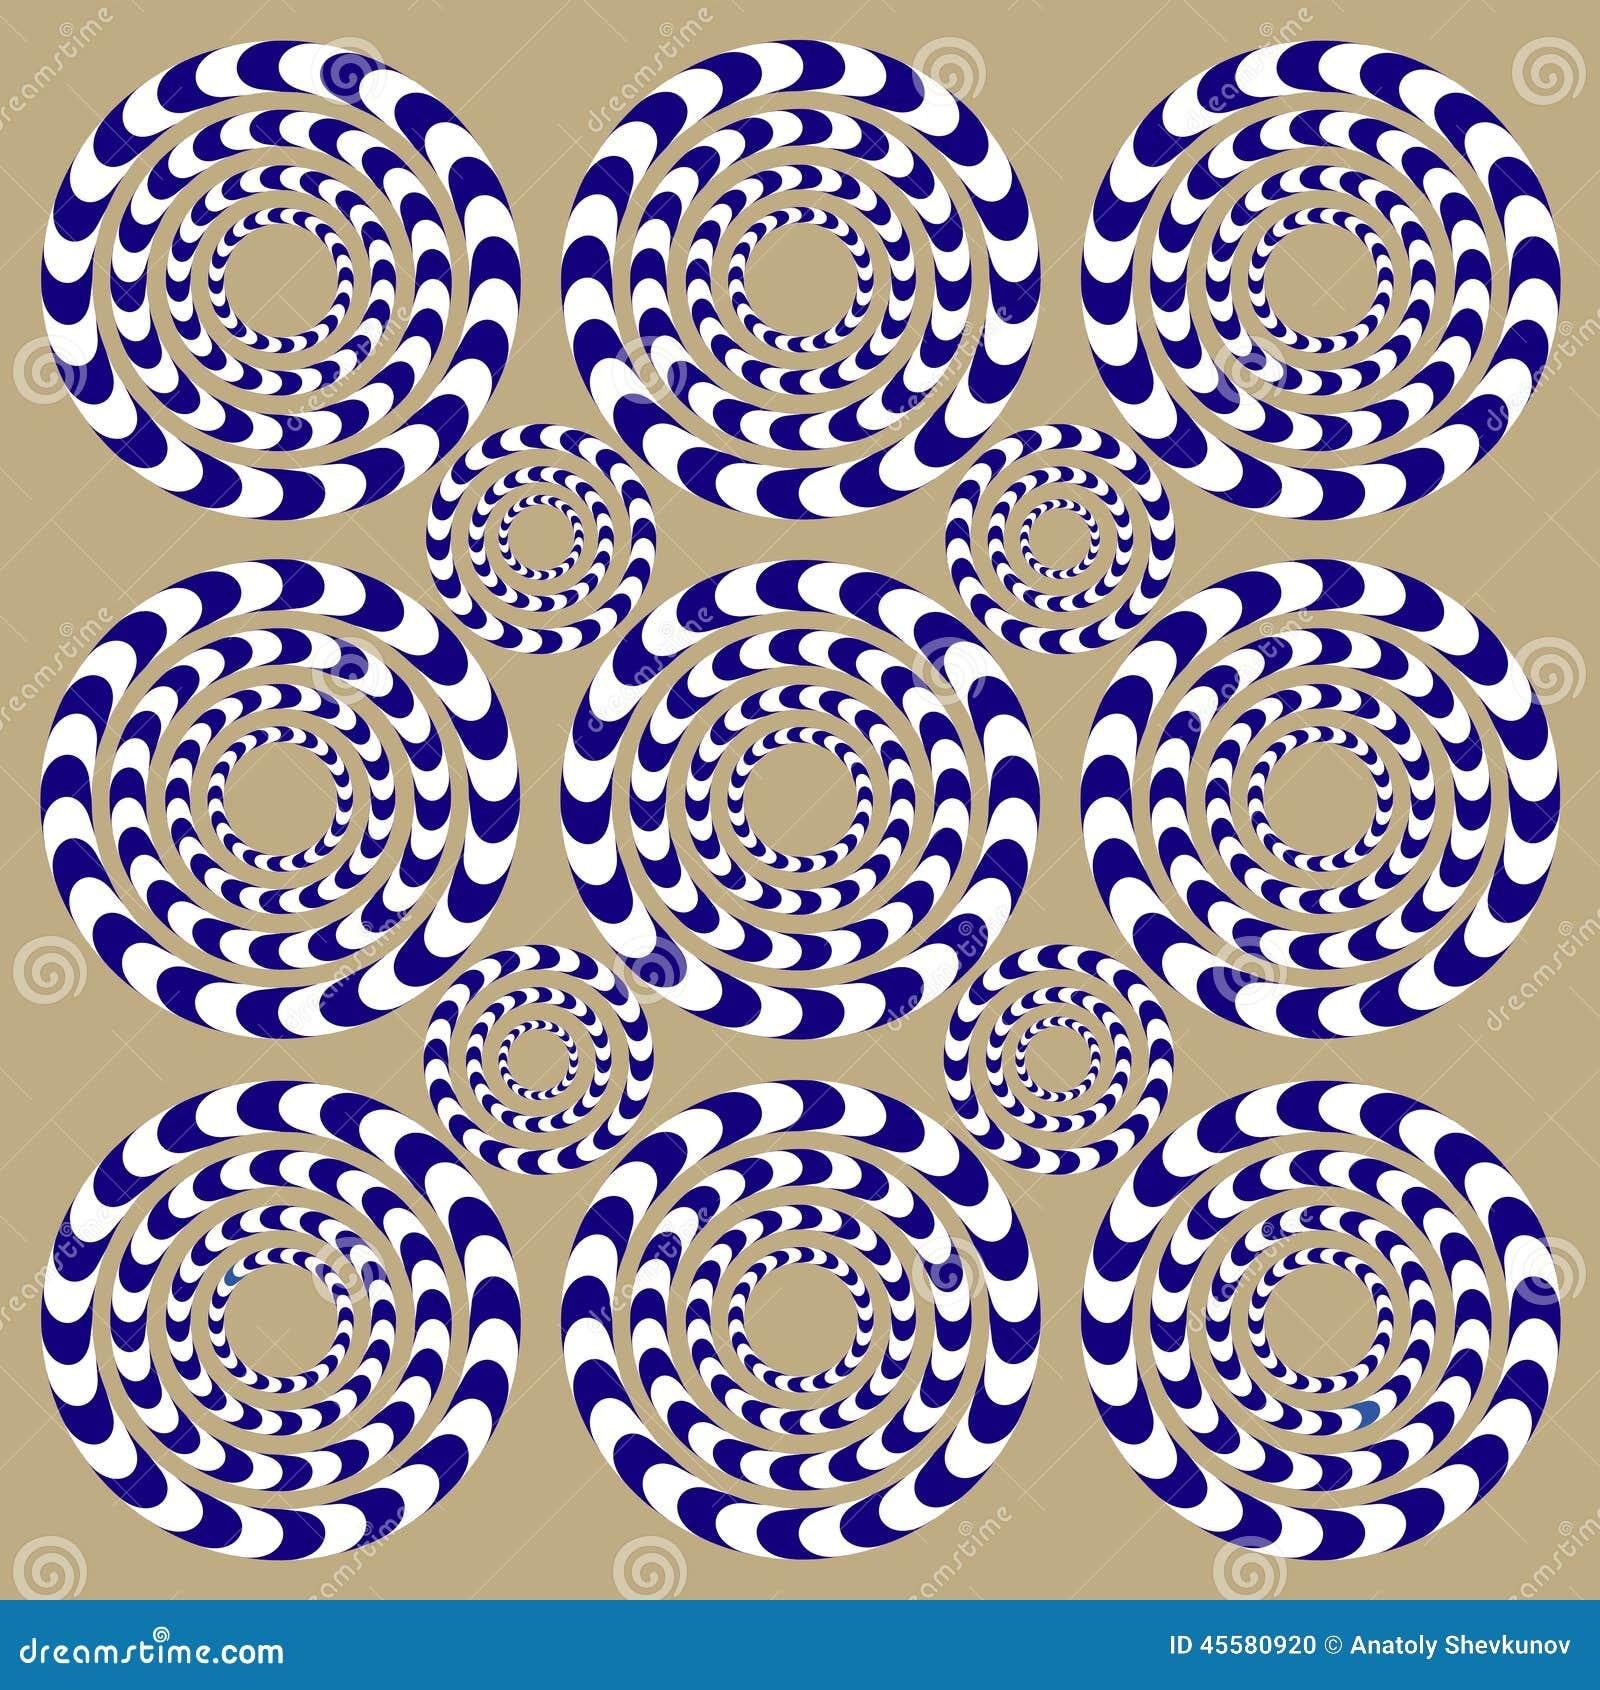 Rotatiecirkels (Illusie)